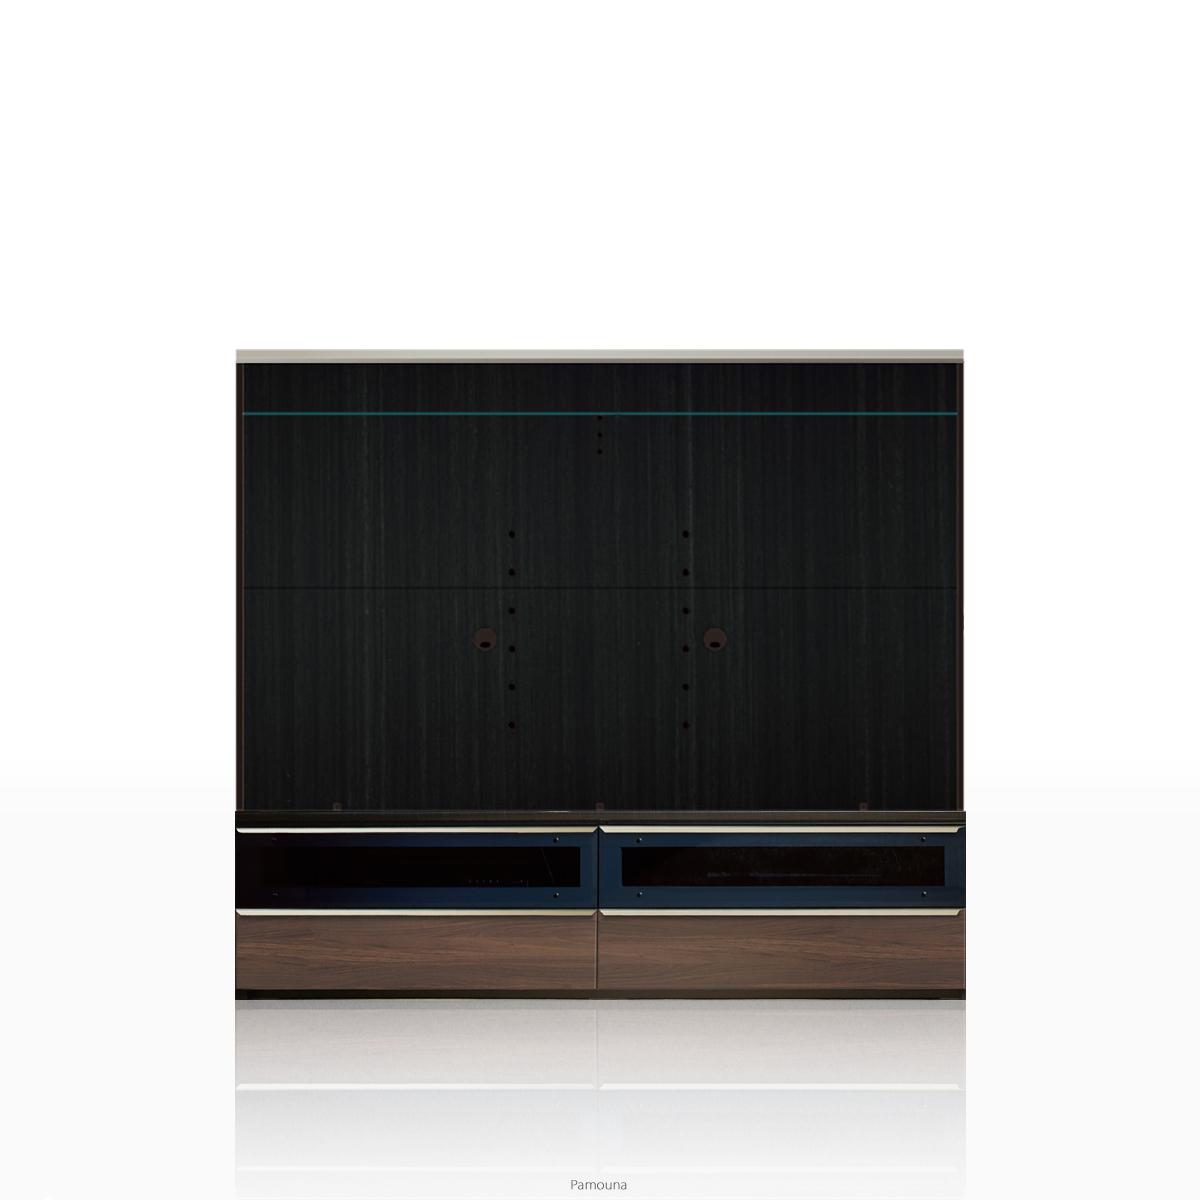 パモウナ テレビ台 VWシリーズ VW-1800 テレビ台/テレビボード (幅180cm, ウォールナット)【この商品は配送地域限定[本州、四国、九州]】【同梱不可】【店頭受取対応商品】